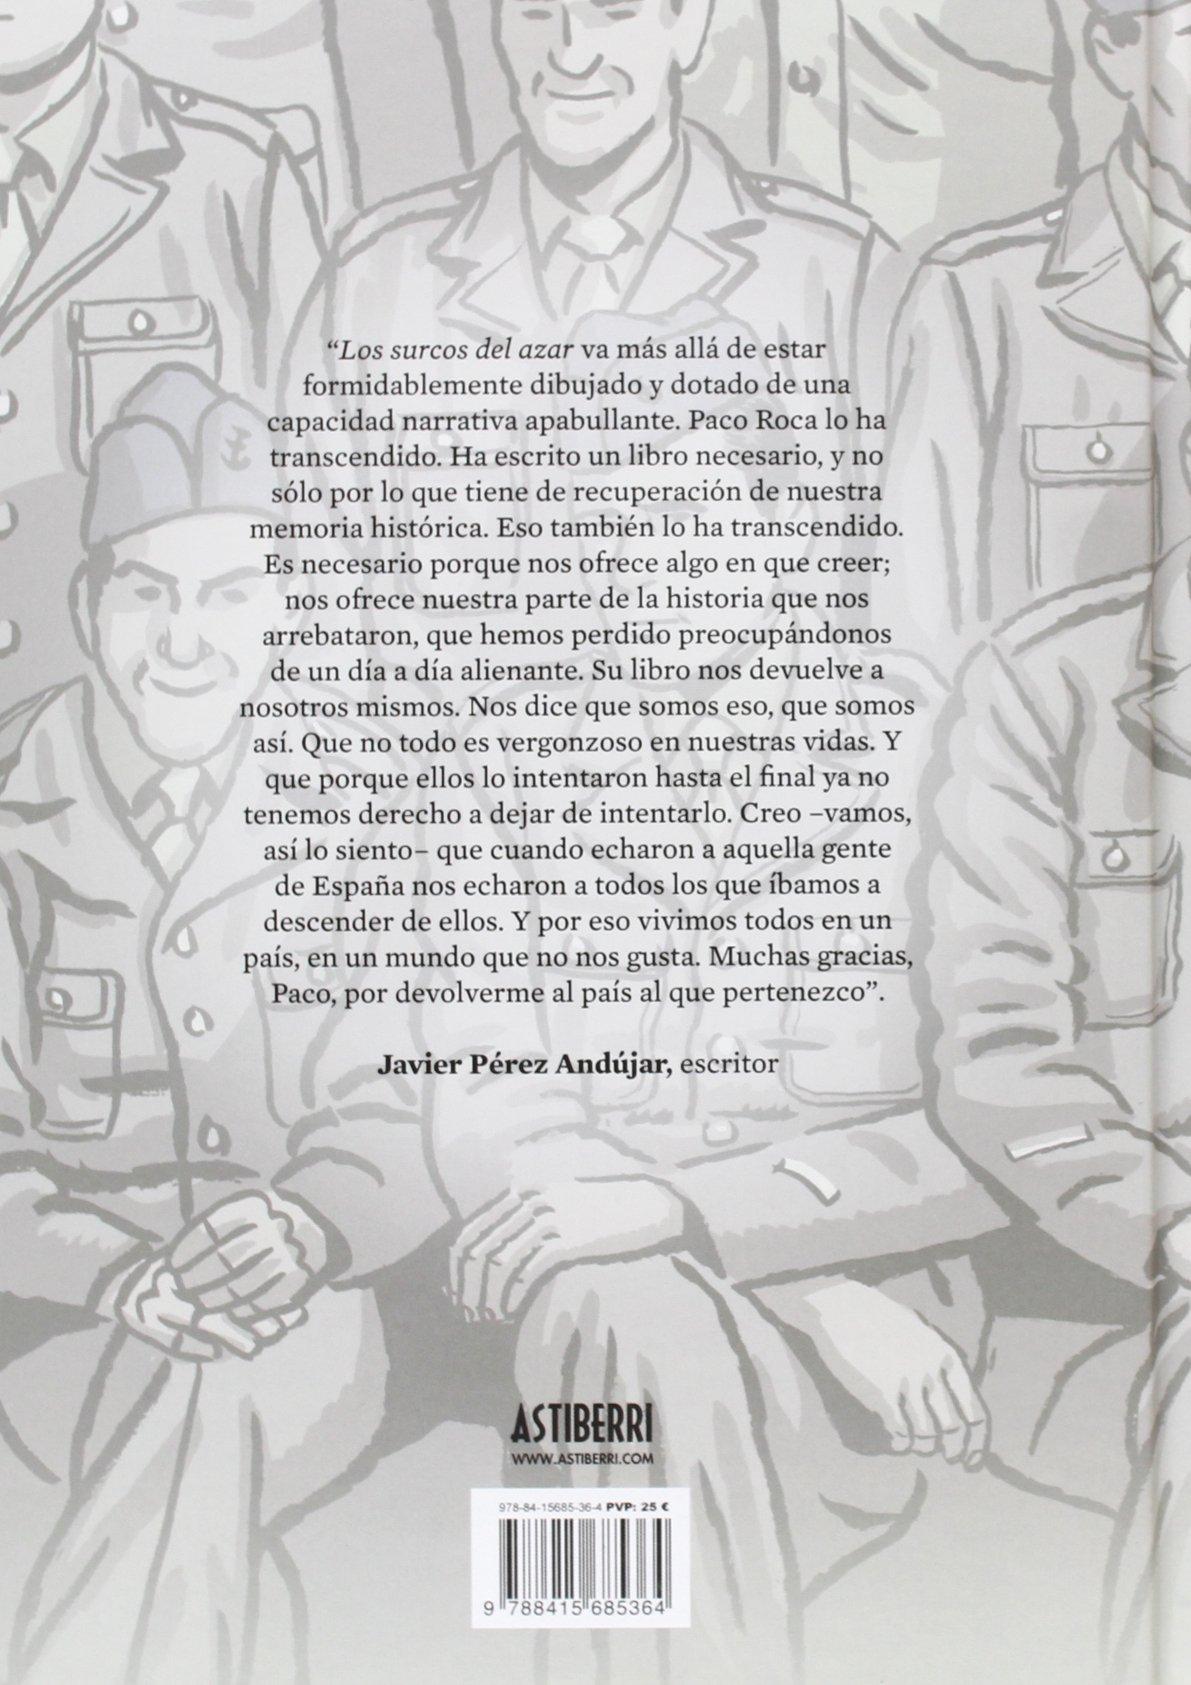 Los surcos del azar: Paco Roca: 9788415685364: Amazon.com: Books